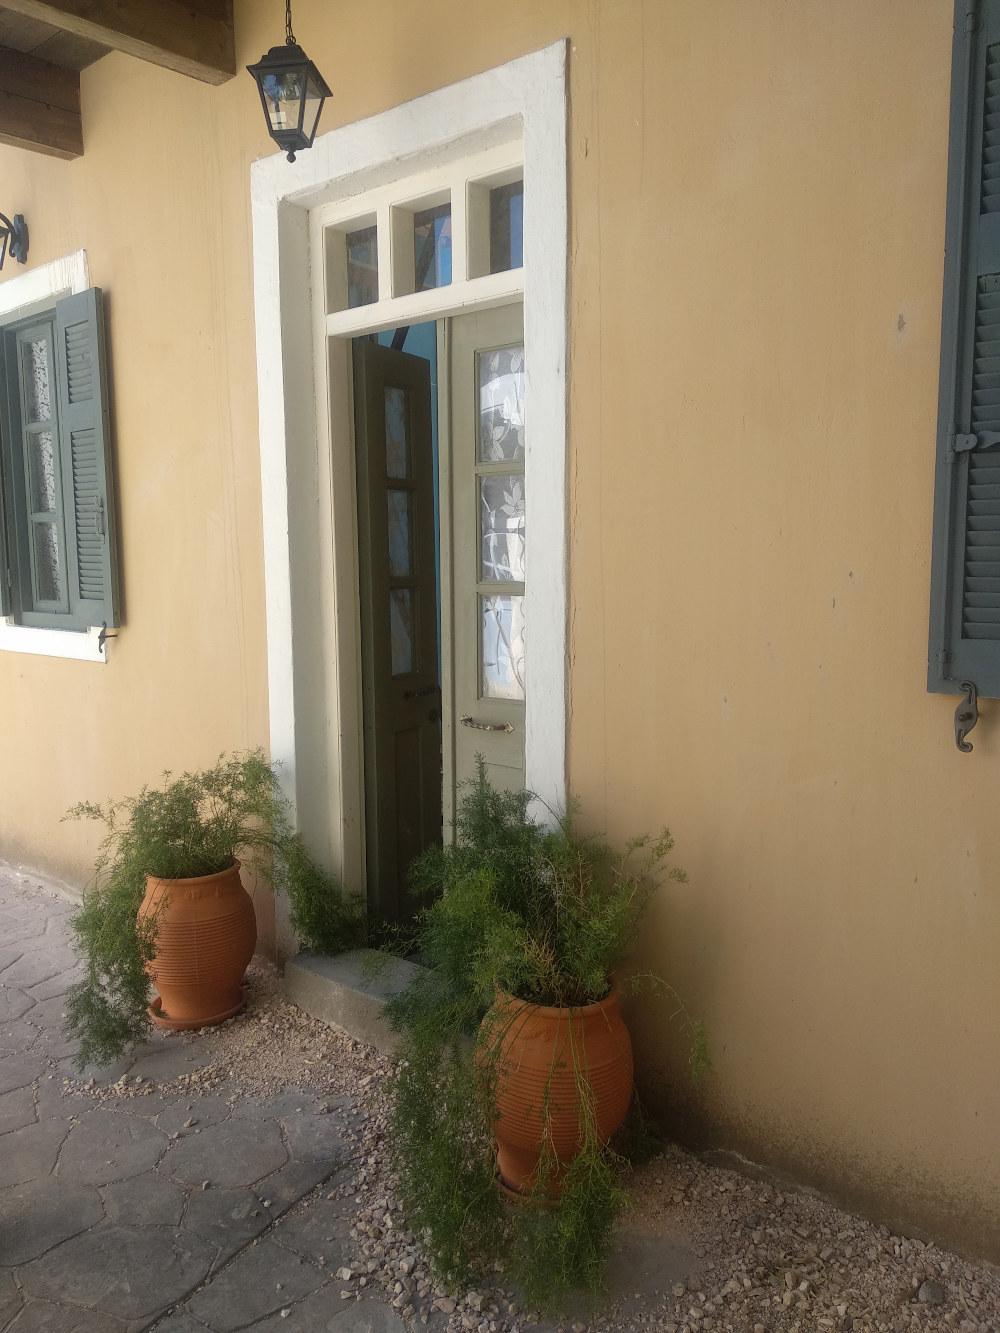 Η είσοδος για το σπίτι του Δούκα και της Μυρσίνης Σεβαστού, στα σκηνικά της σειράς «'Αγριες Μέλισσες»